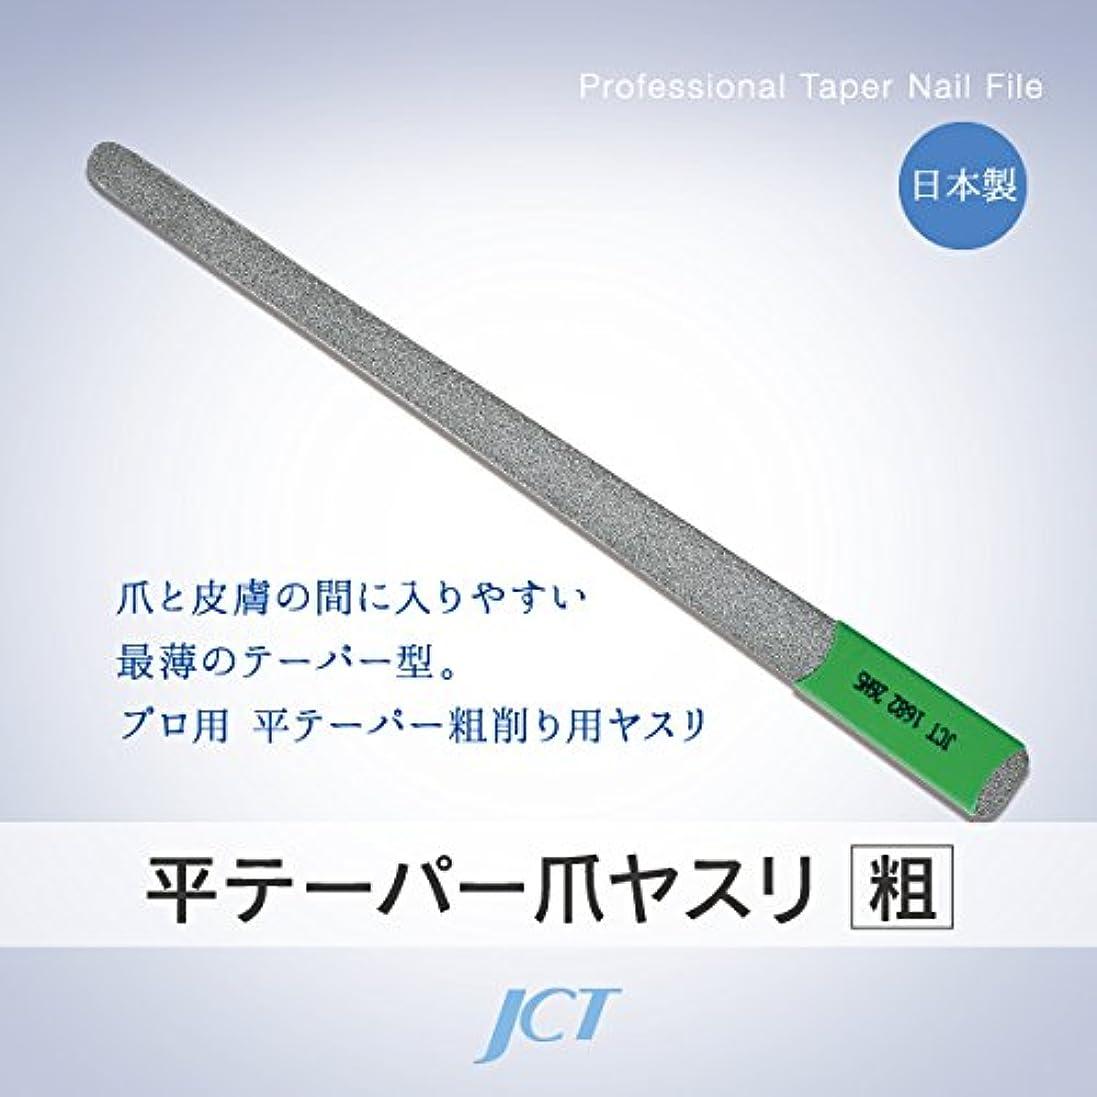 前進フレームワーク説得力のあるJCT メディカル フットケア ダイヤモンド平テーパー爪ヤスリ(粗) 滅菌可 日本製 1年間保証付